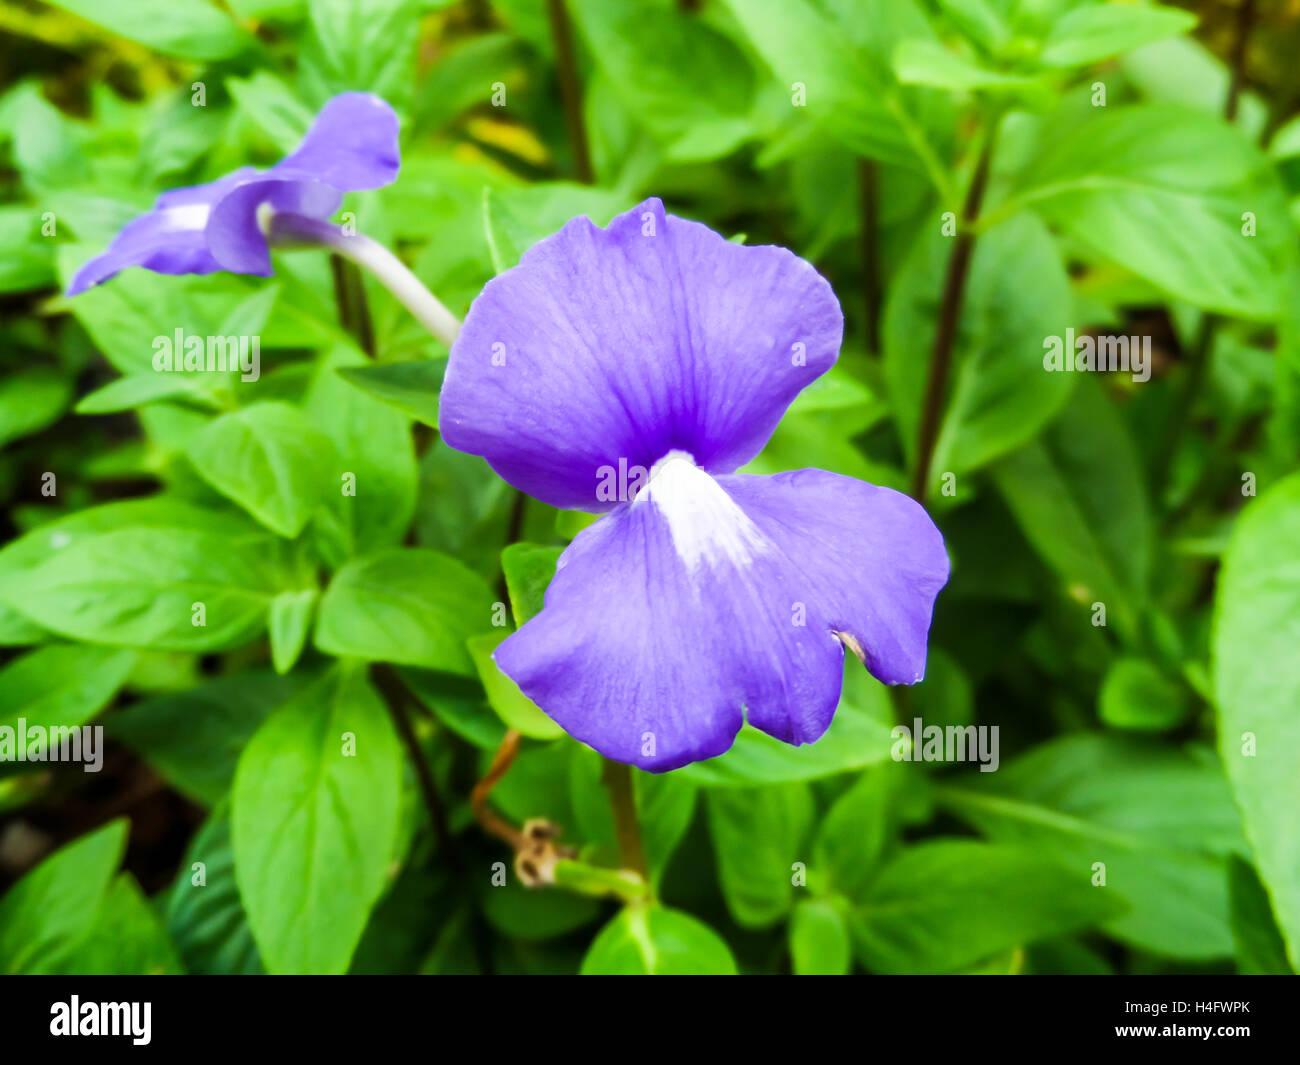 Otacanthus Caeruleus Le Nom De Violet Fleur Blanche Thailande